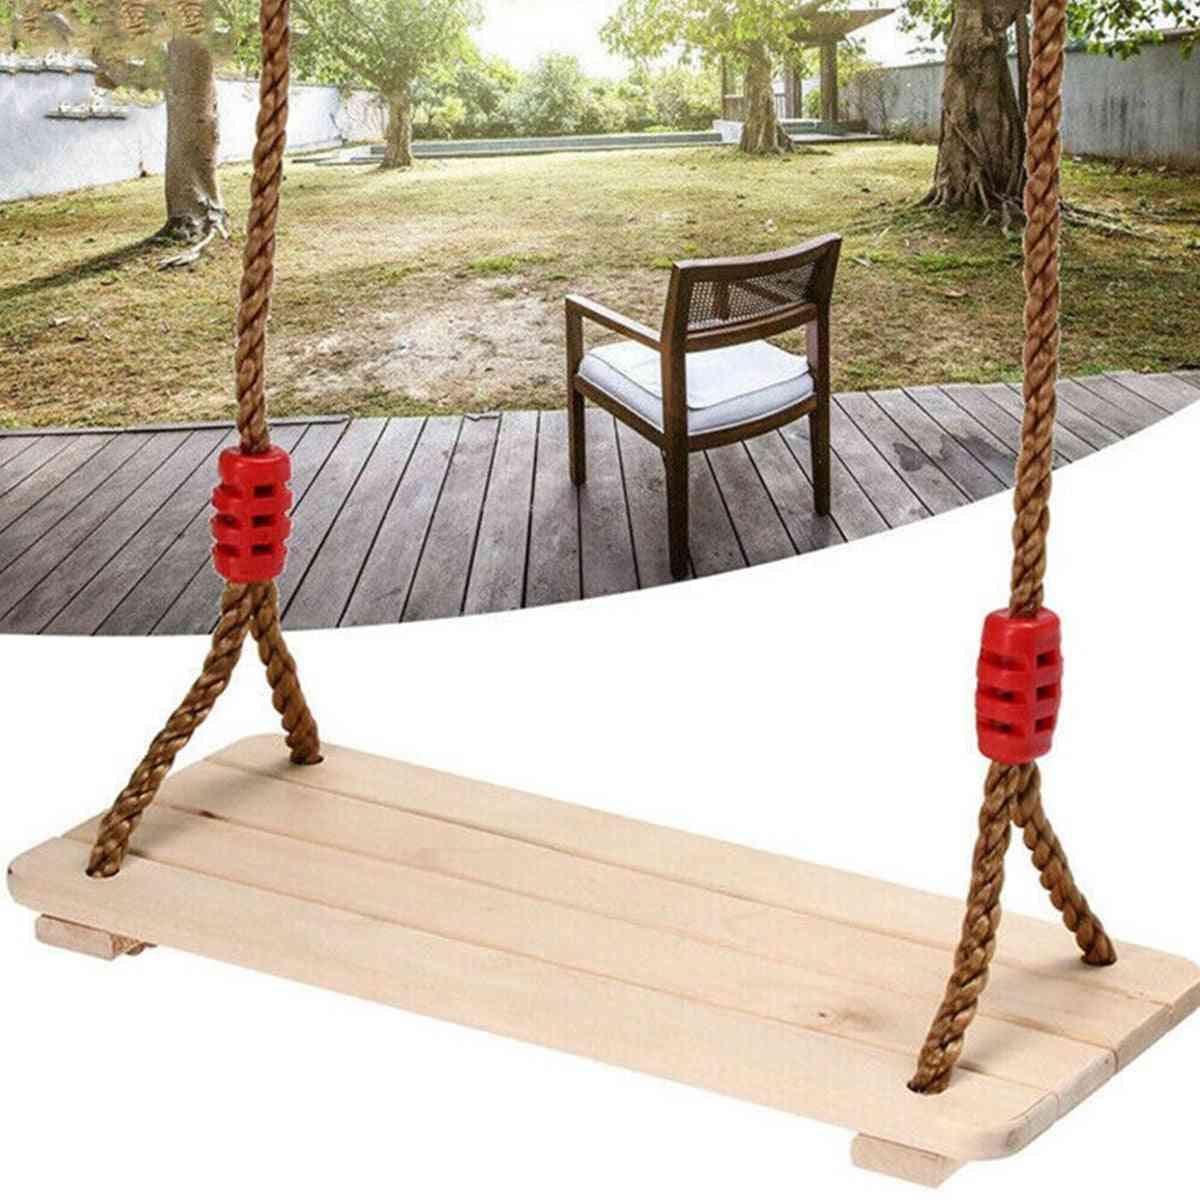 Rocking Wooden Chair Swing- Indoor & Outdoor Garden For